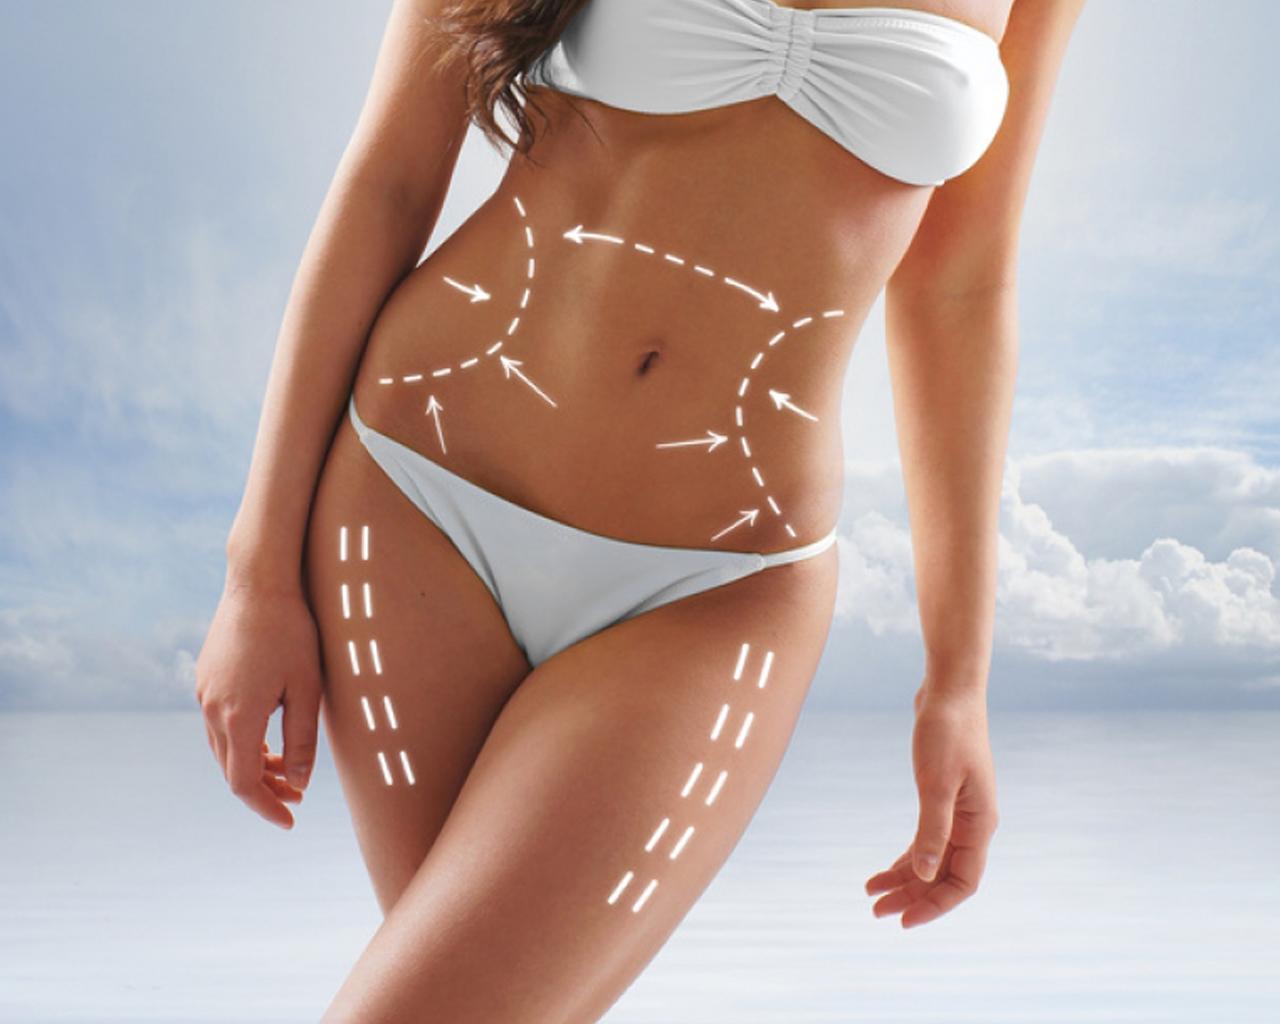 Программы коррекции фигуры – спа программы для похудения в москве в салоне spa cocktail